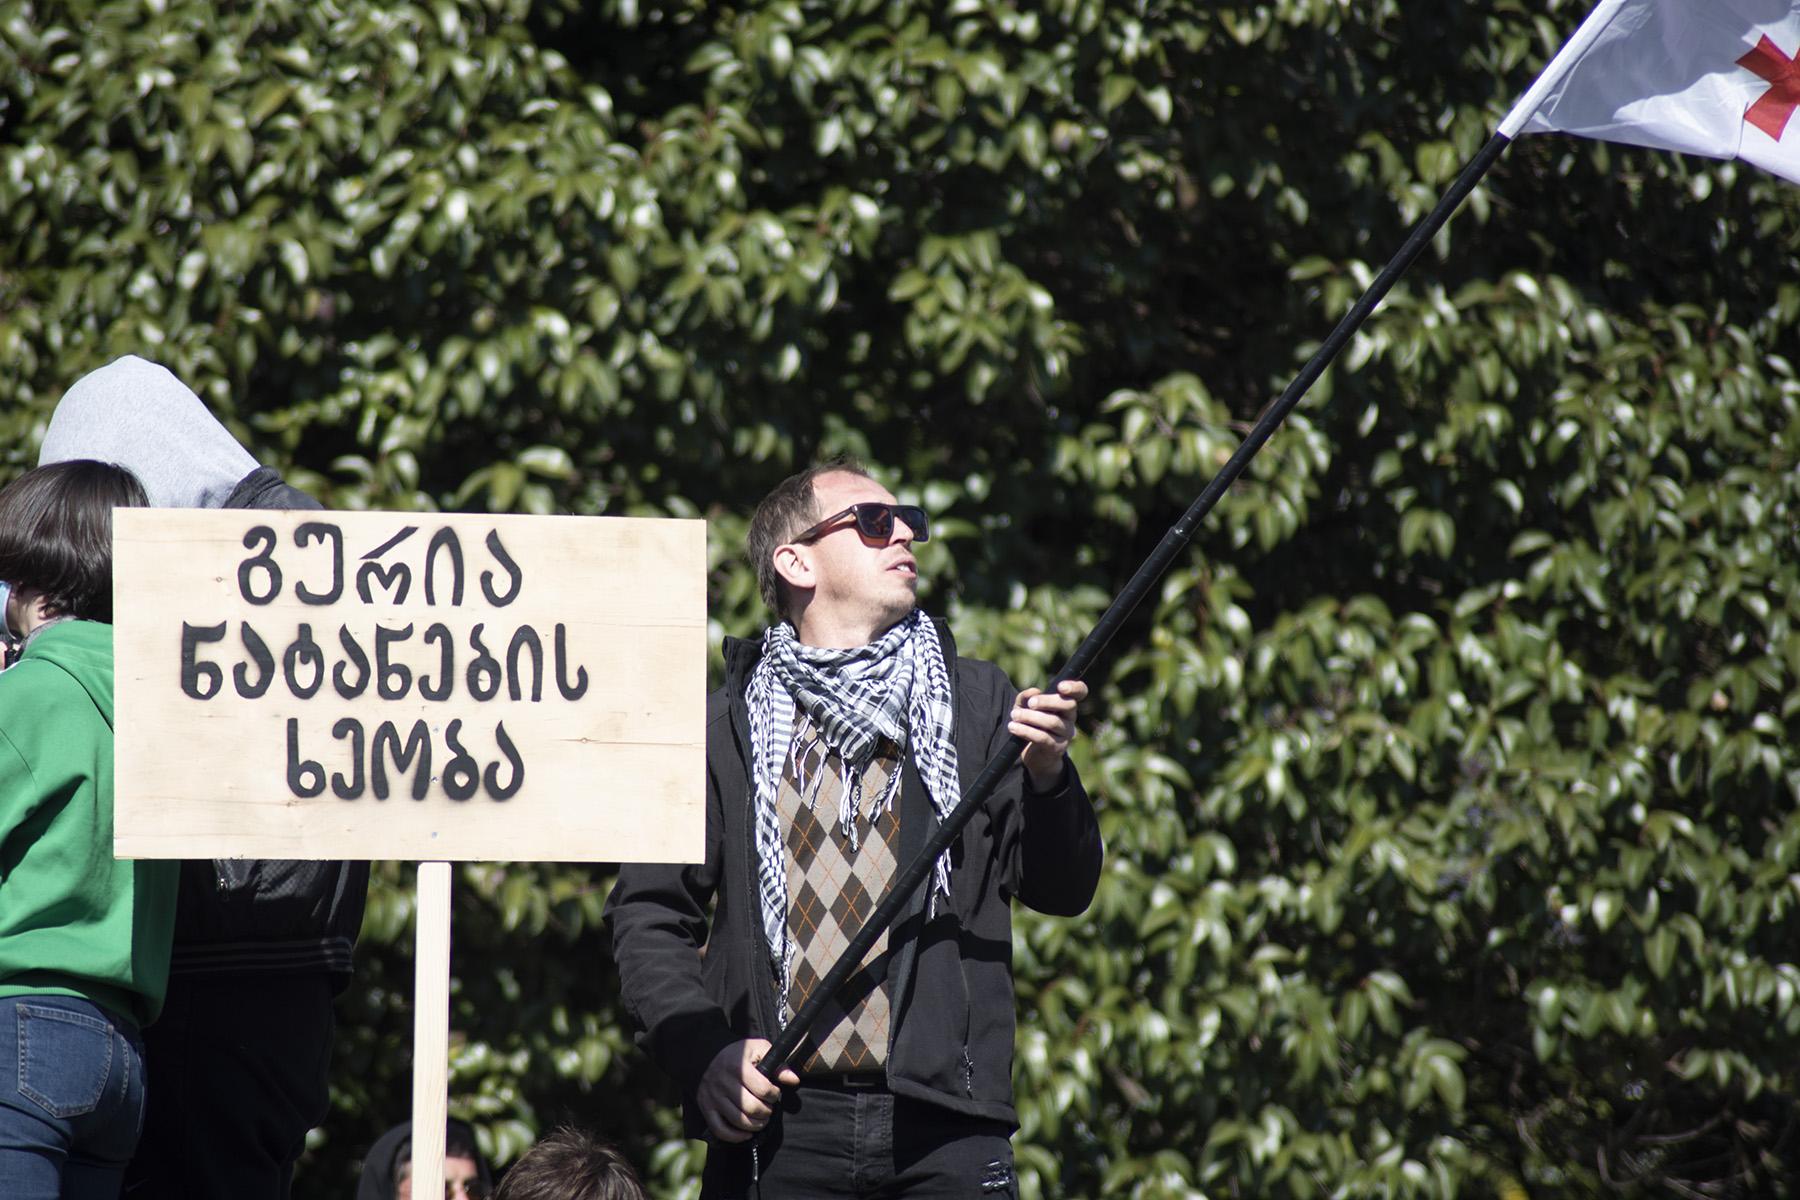 Poster: 'Guria, Natanebi valley'. Photo: Mariam Nikuradze/OC Media.